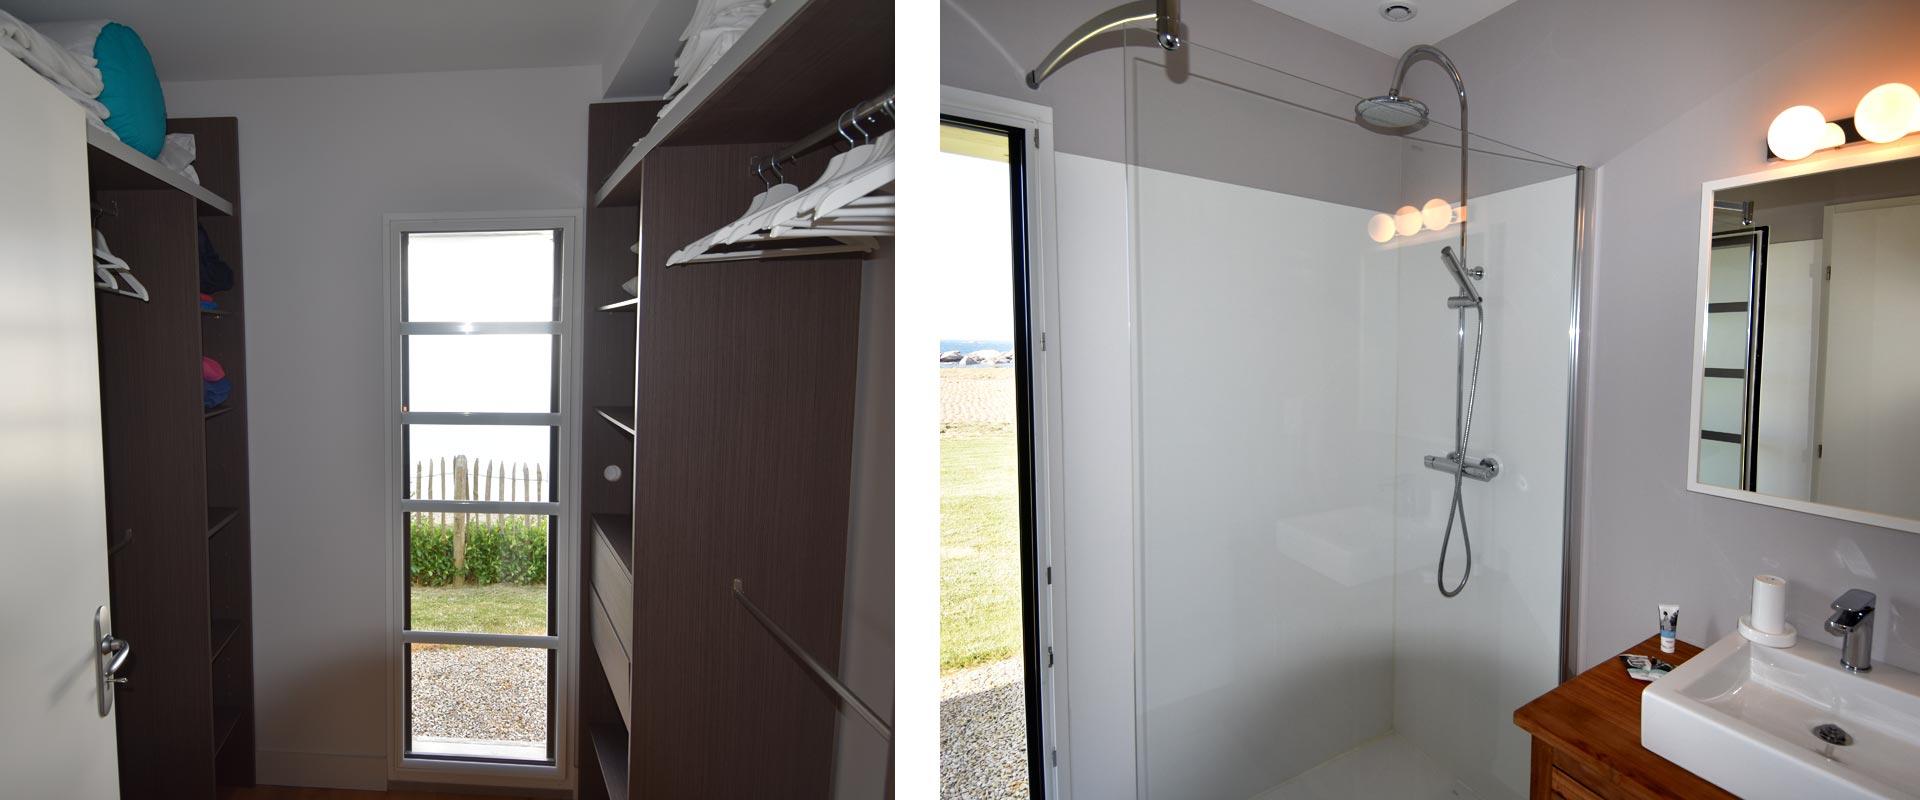 frouden-5dressing-chambre2.jpg